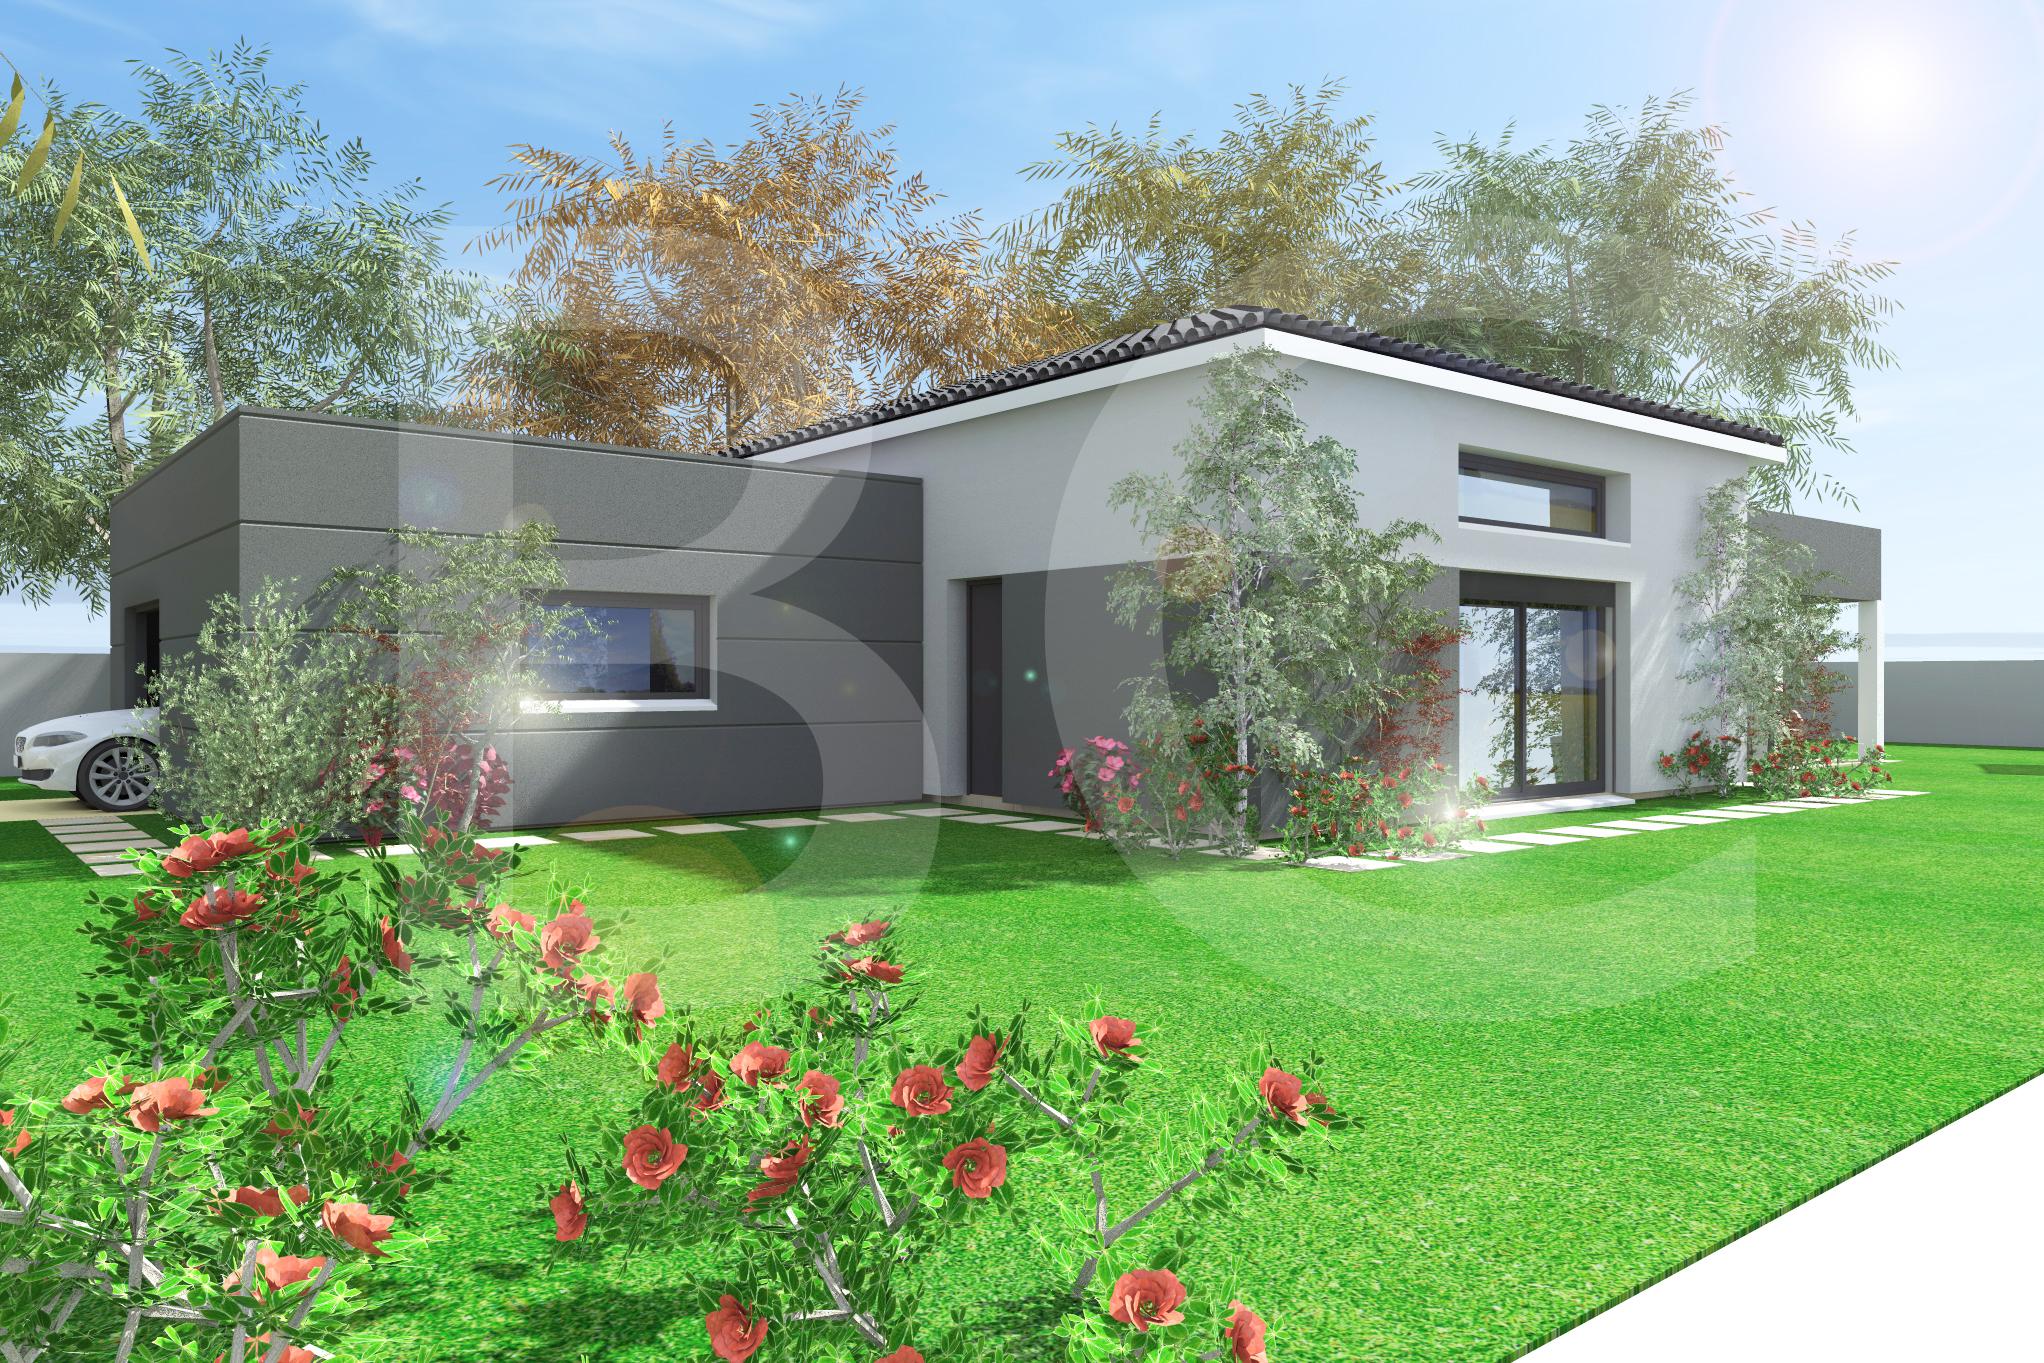 Maisons + Terrains du constructeur BATI CONCEPT 26/07 •  m² • LABLACHERE